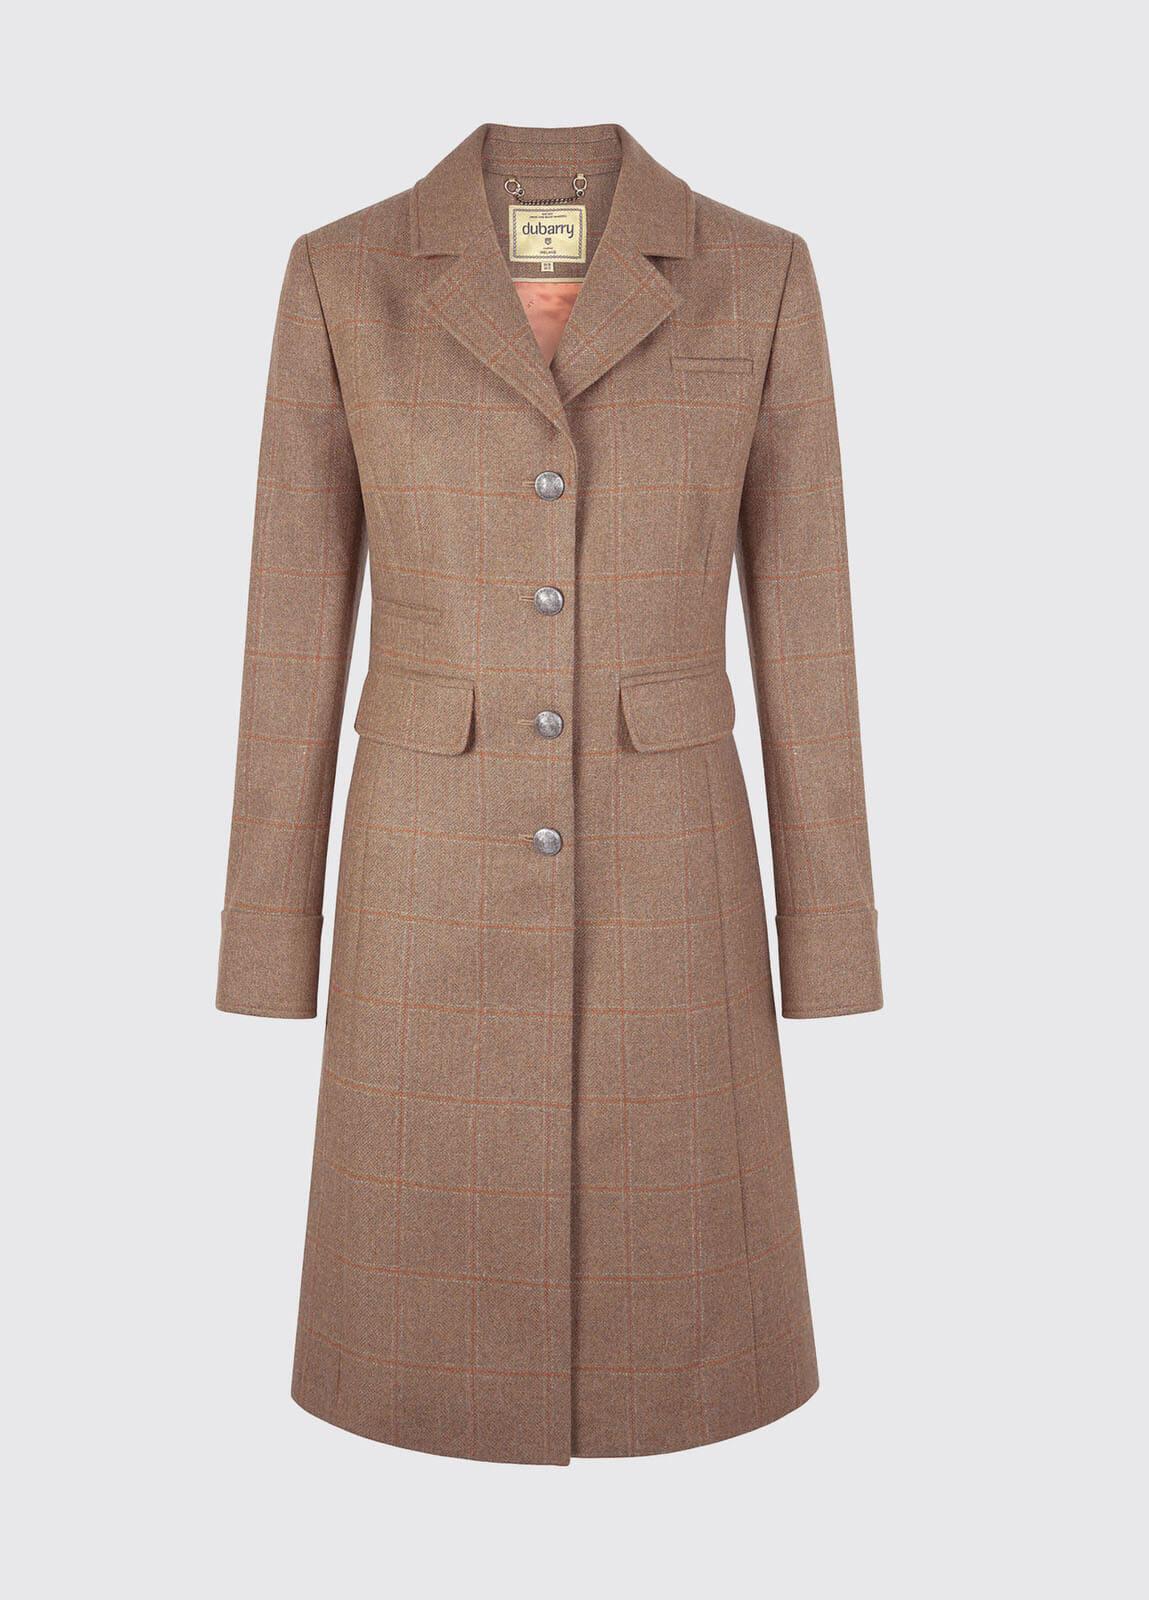 Blackthorn Tweed Jacket - Oak